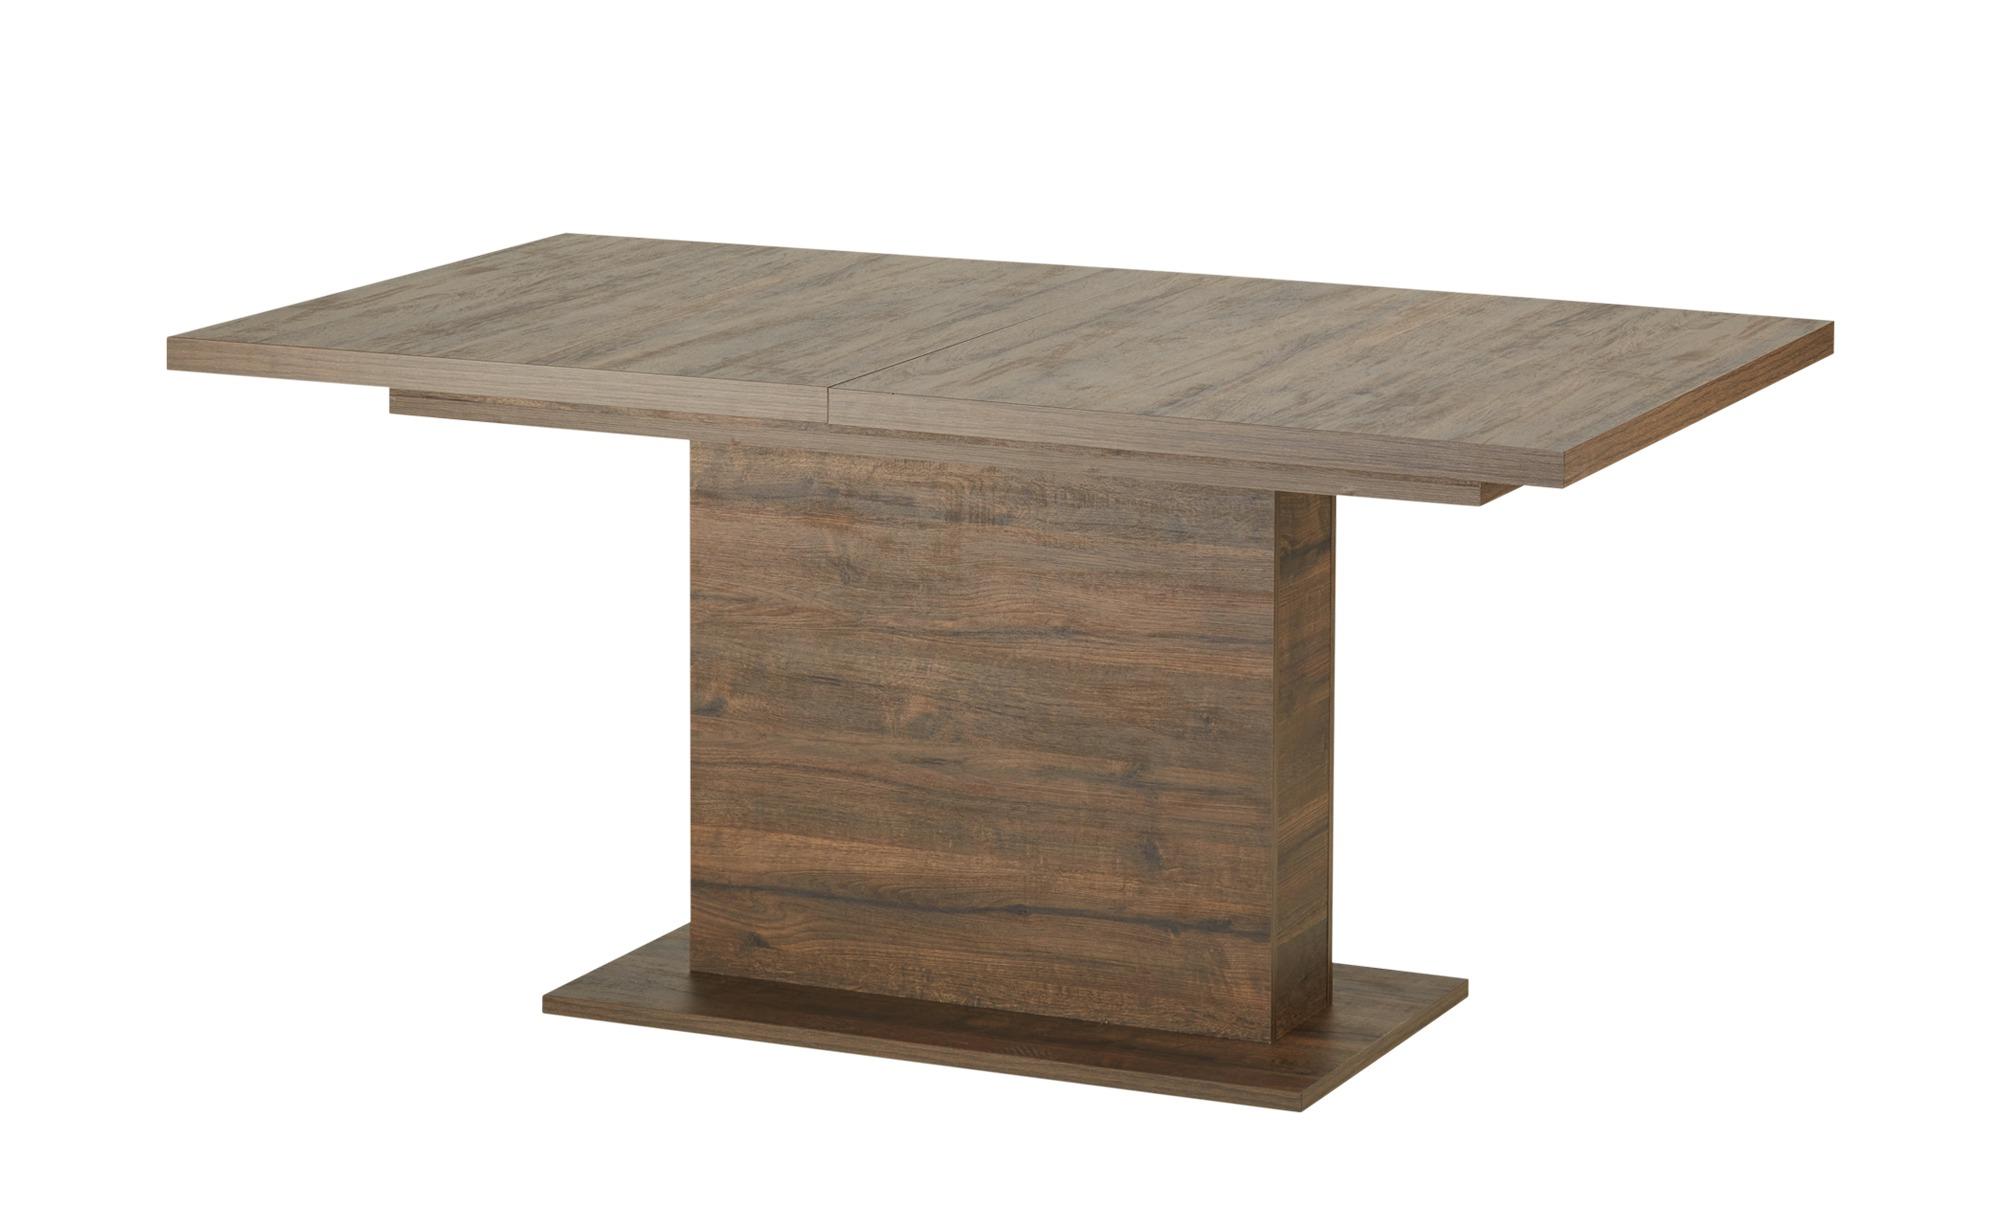 Esstisch  Rimini ¦ holzfarben ¦ Maße (cm): B: 90 H: 76,3 Tische > Esstische > Esstische ausziehbar - Höffner